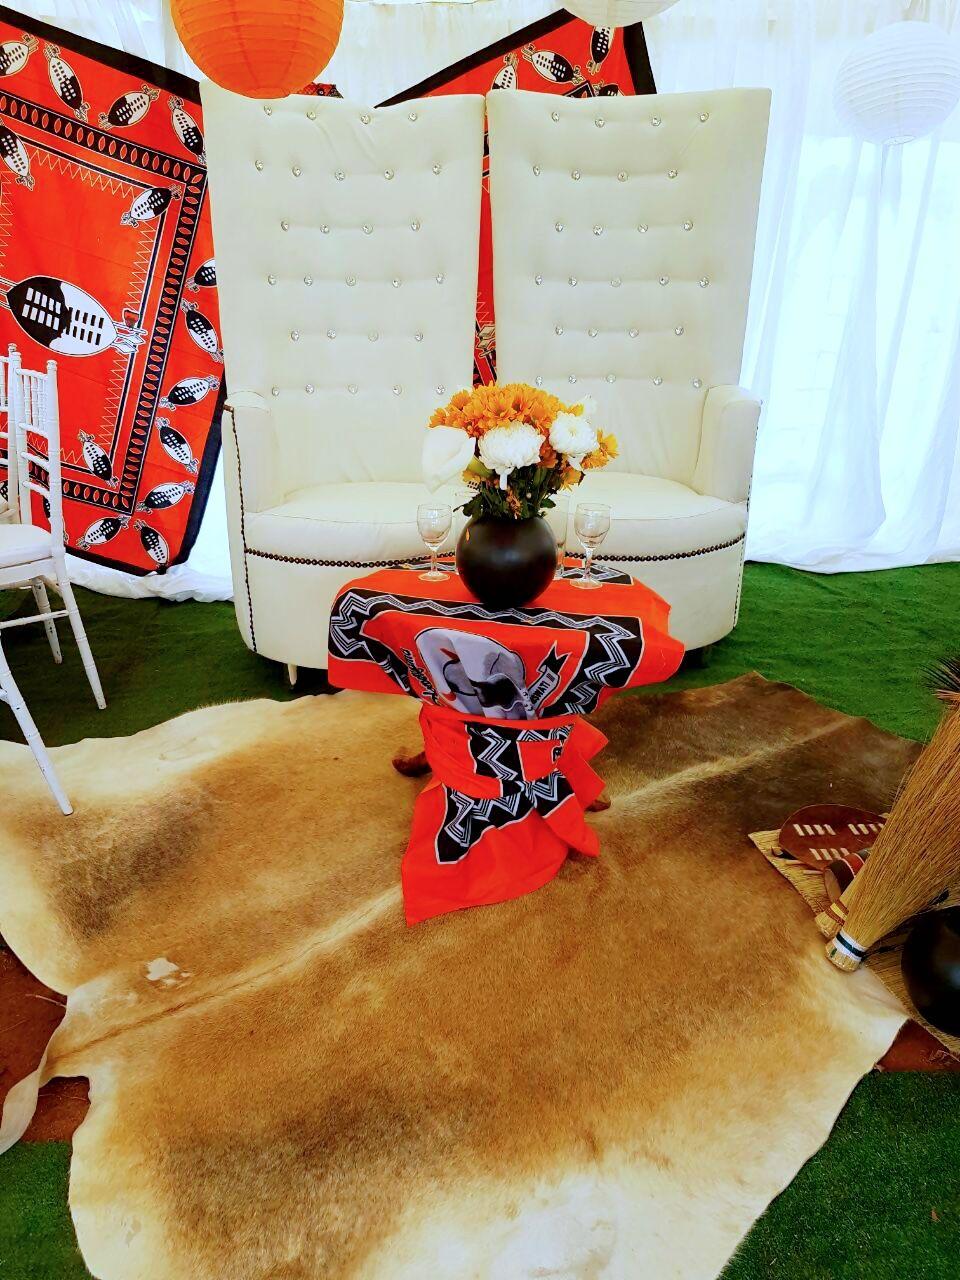 Tswana traditional wedding decor 2018  Nomvula nmokoena on Pinterest